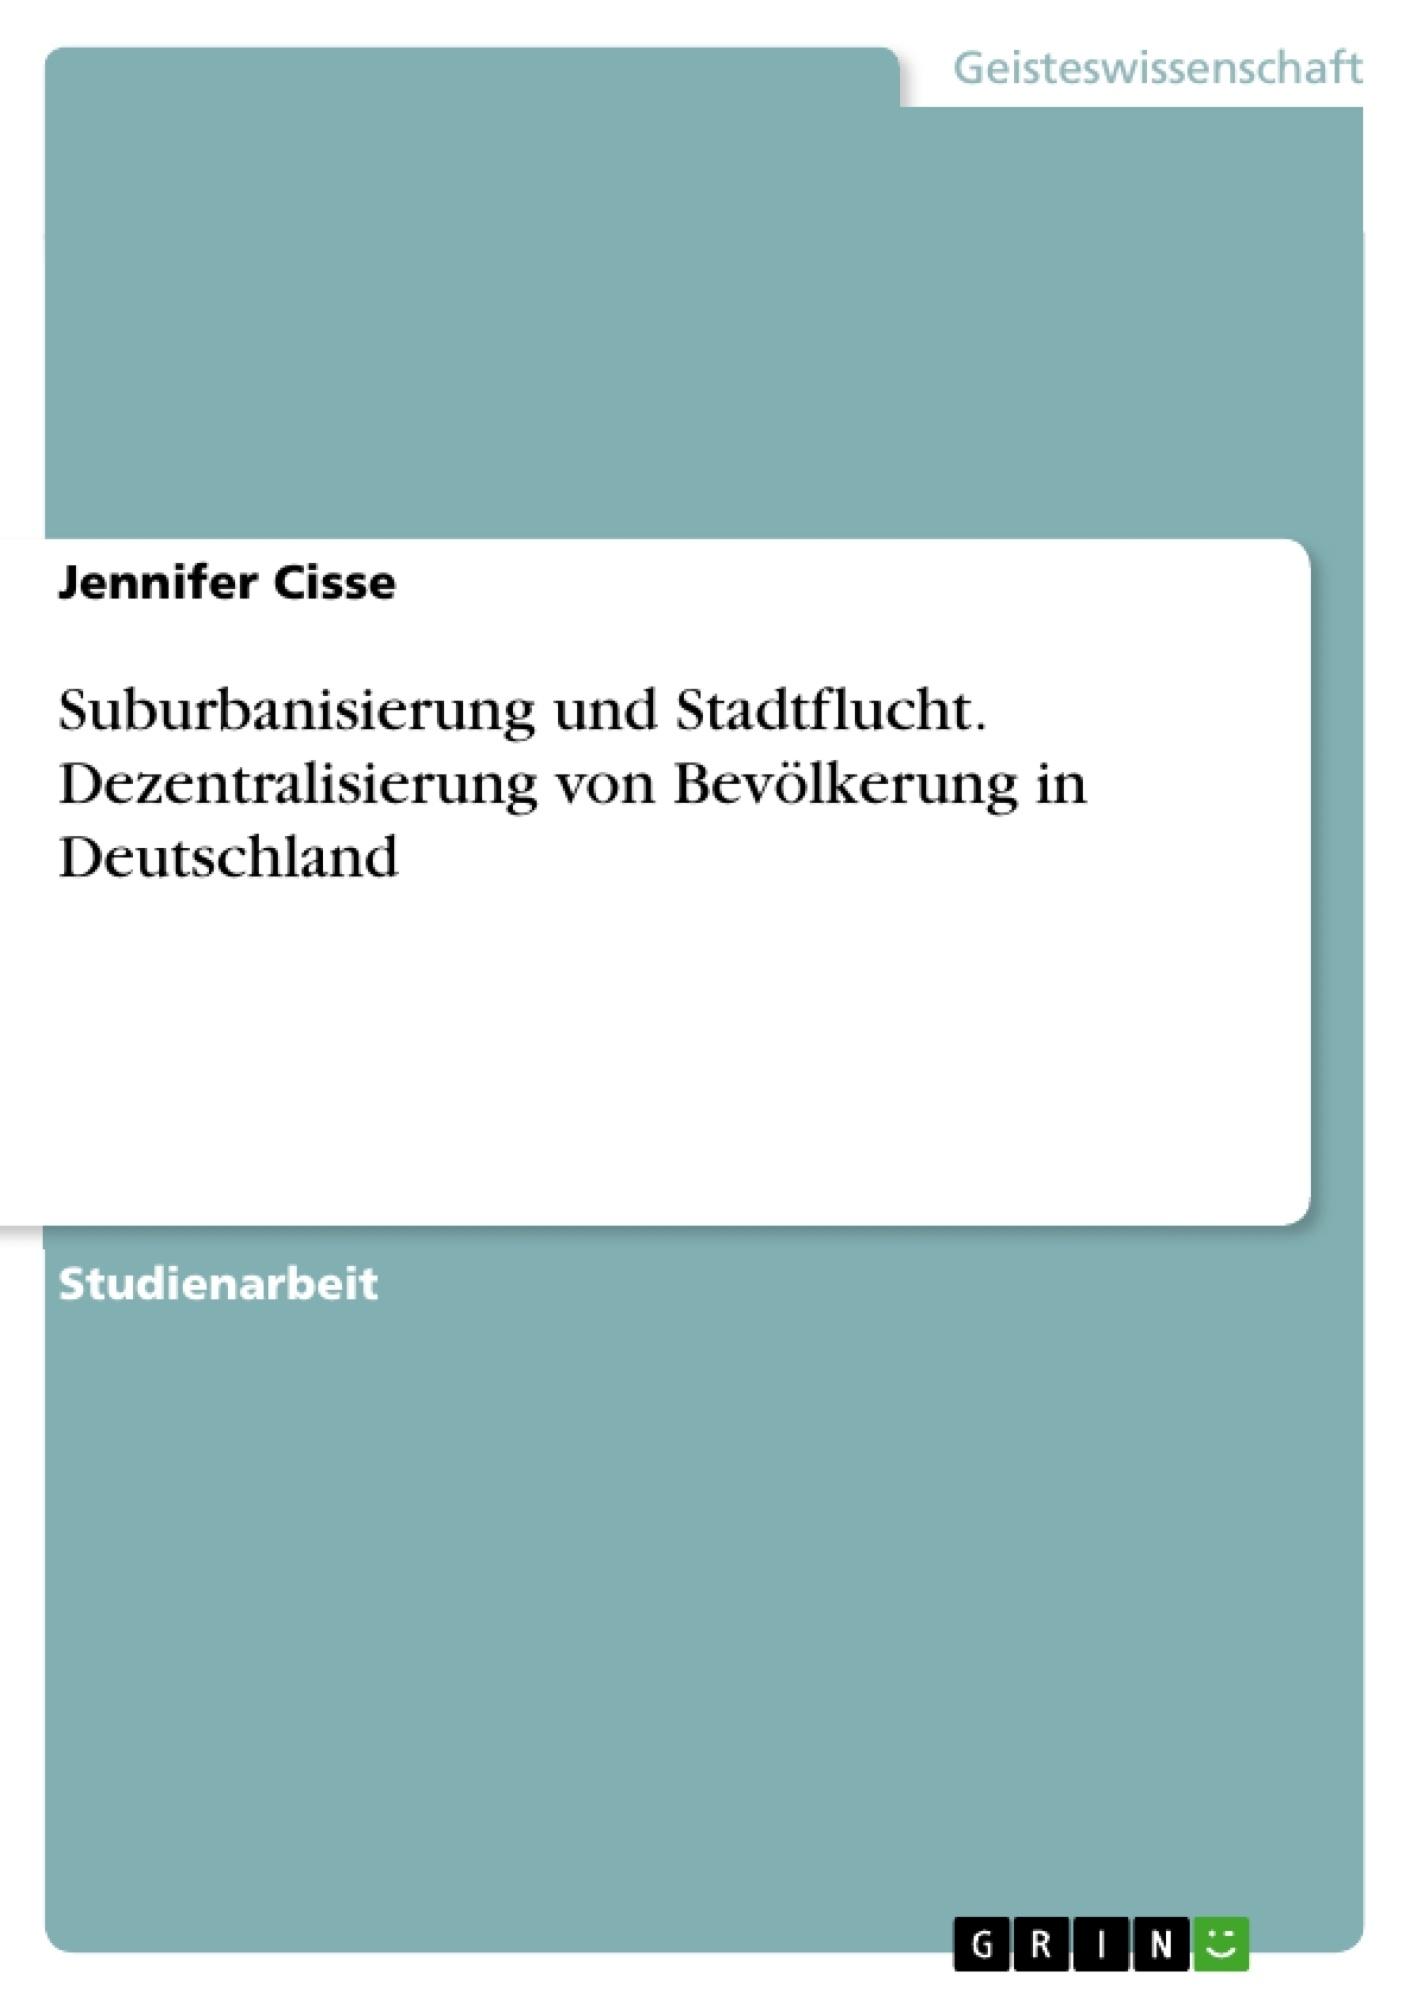 Titel: Suburbanisierung und Stadtflucht. Dezentralisierung von Bevölkerung in Deutschland